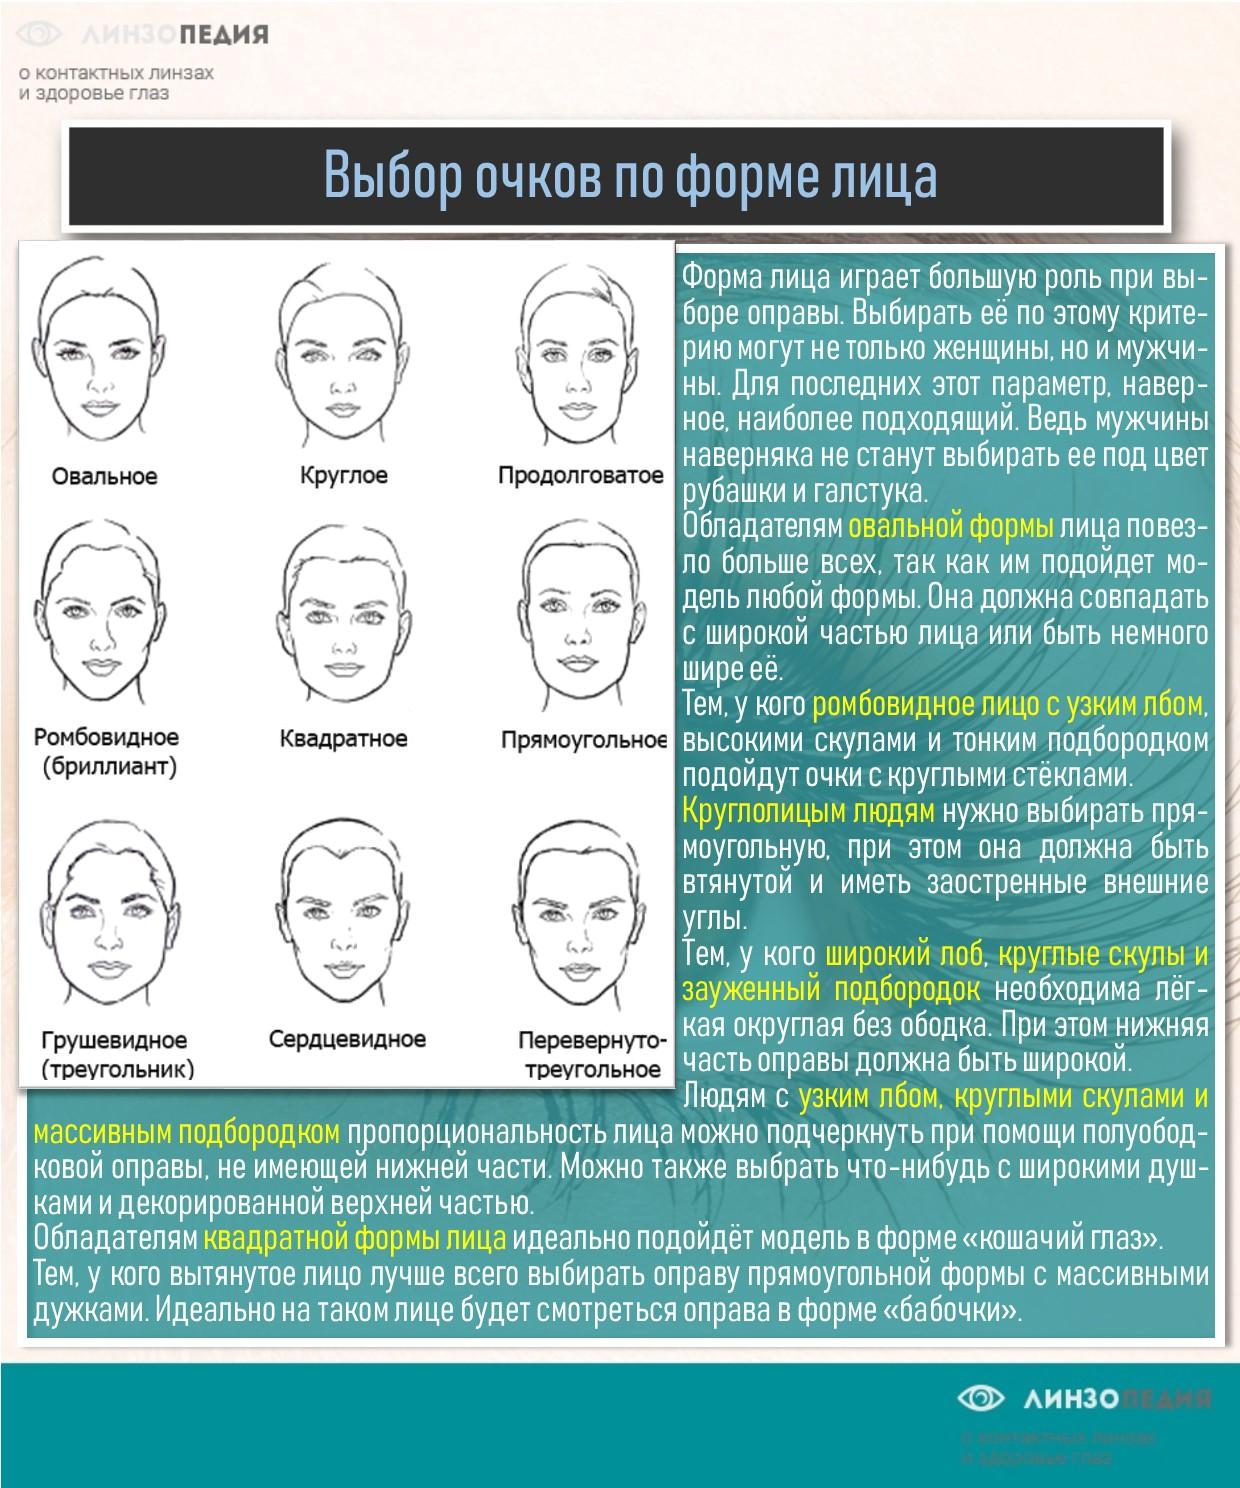 Выбор очков для близорукости по форме лица